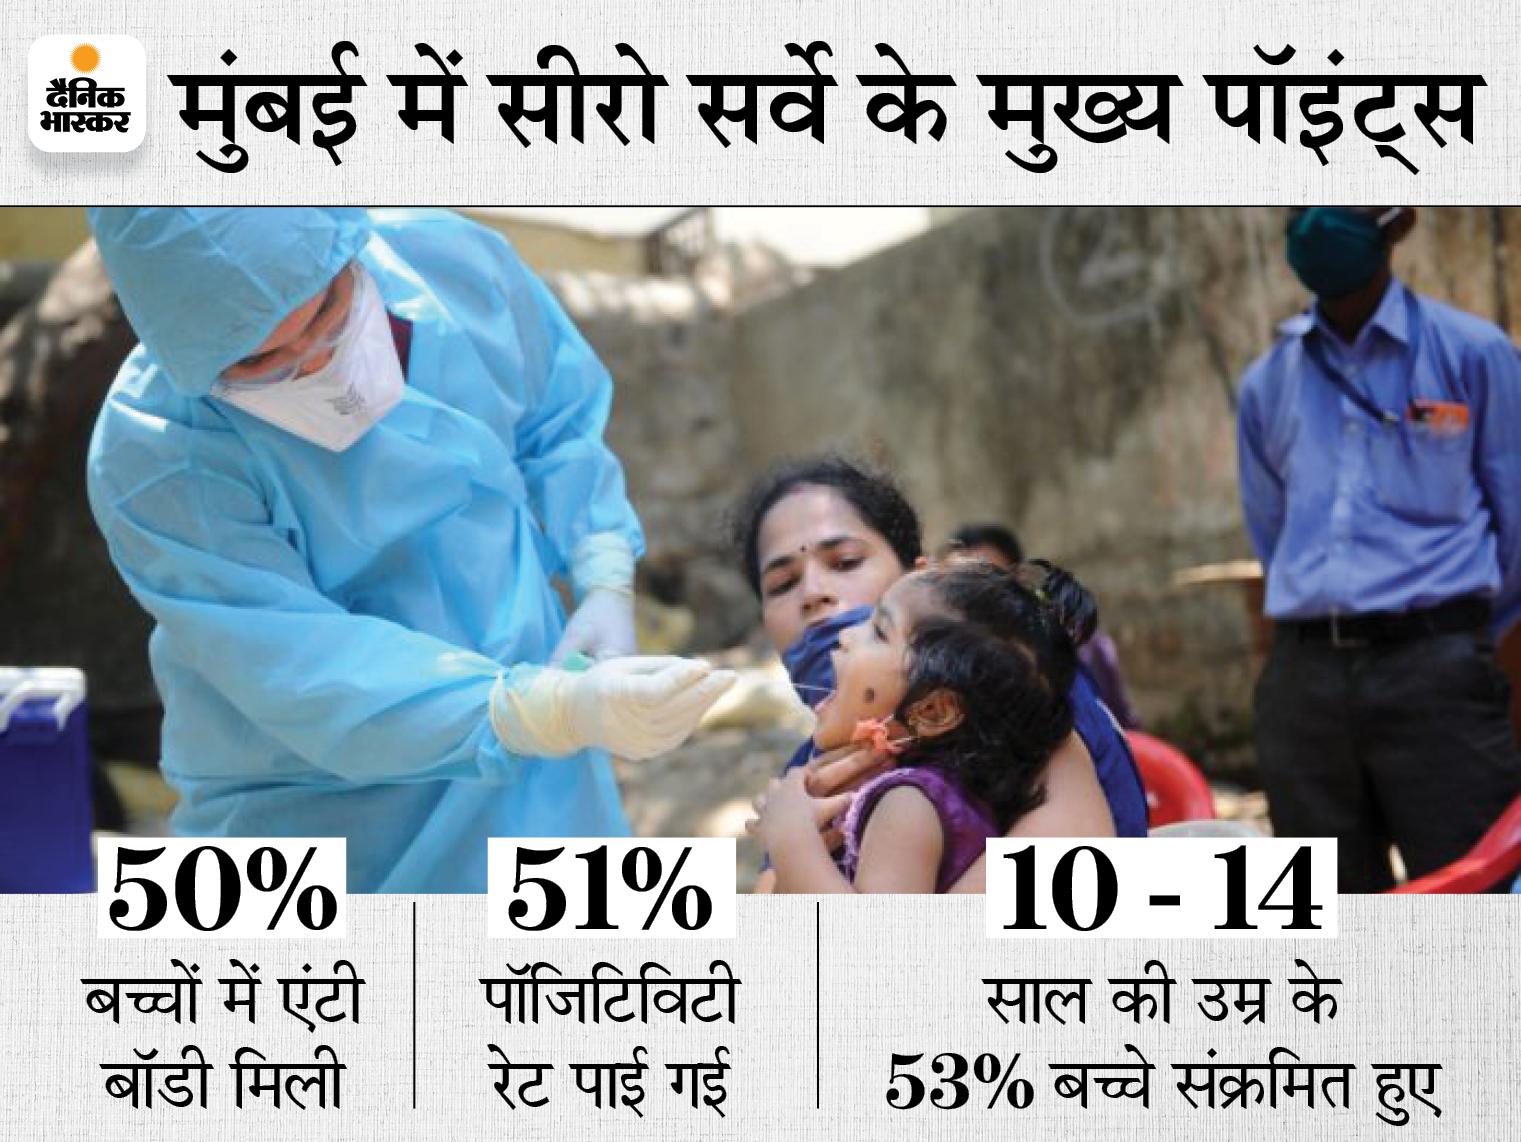 सीरो सर्वे में मुंबई के 50% बच्चों में कोरोना वायरस एंटीबॉडी मिली, ज्यादातर की उम्र 10 से 14 साल|महाराष्ट्र,Maharashtra - Dainik Bhaskar